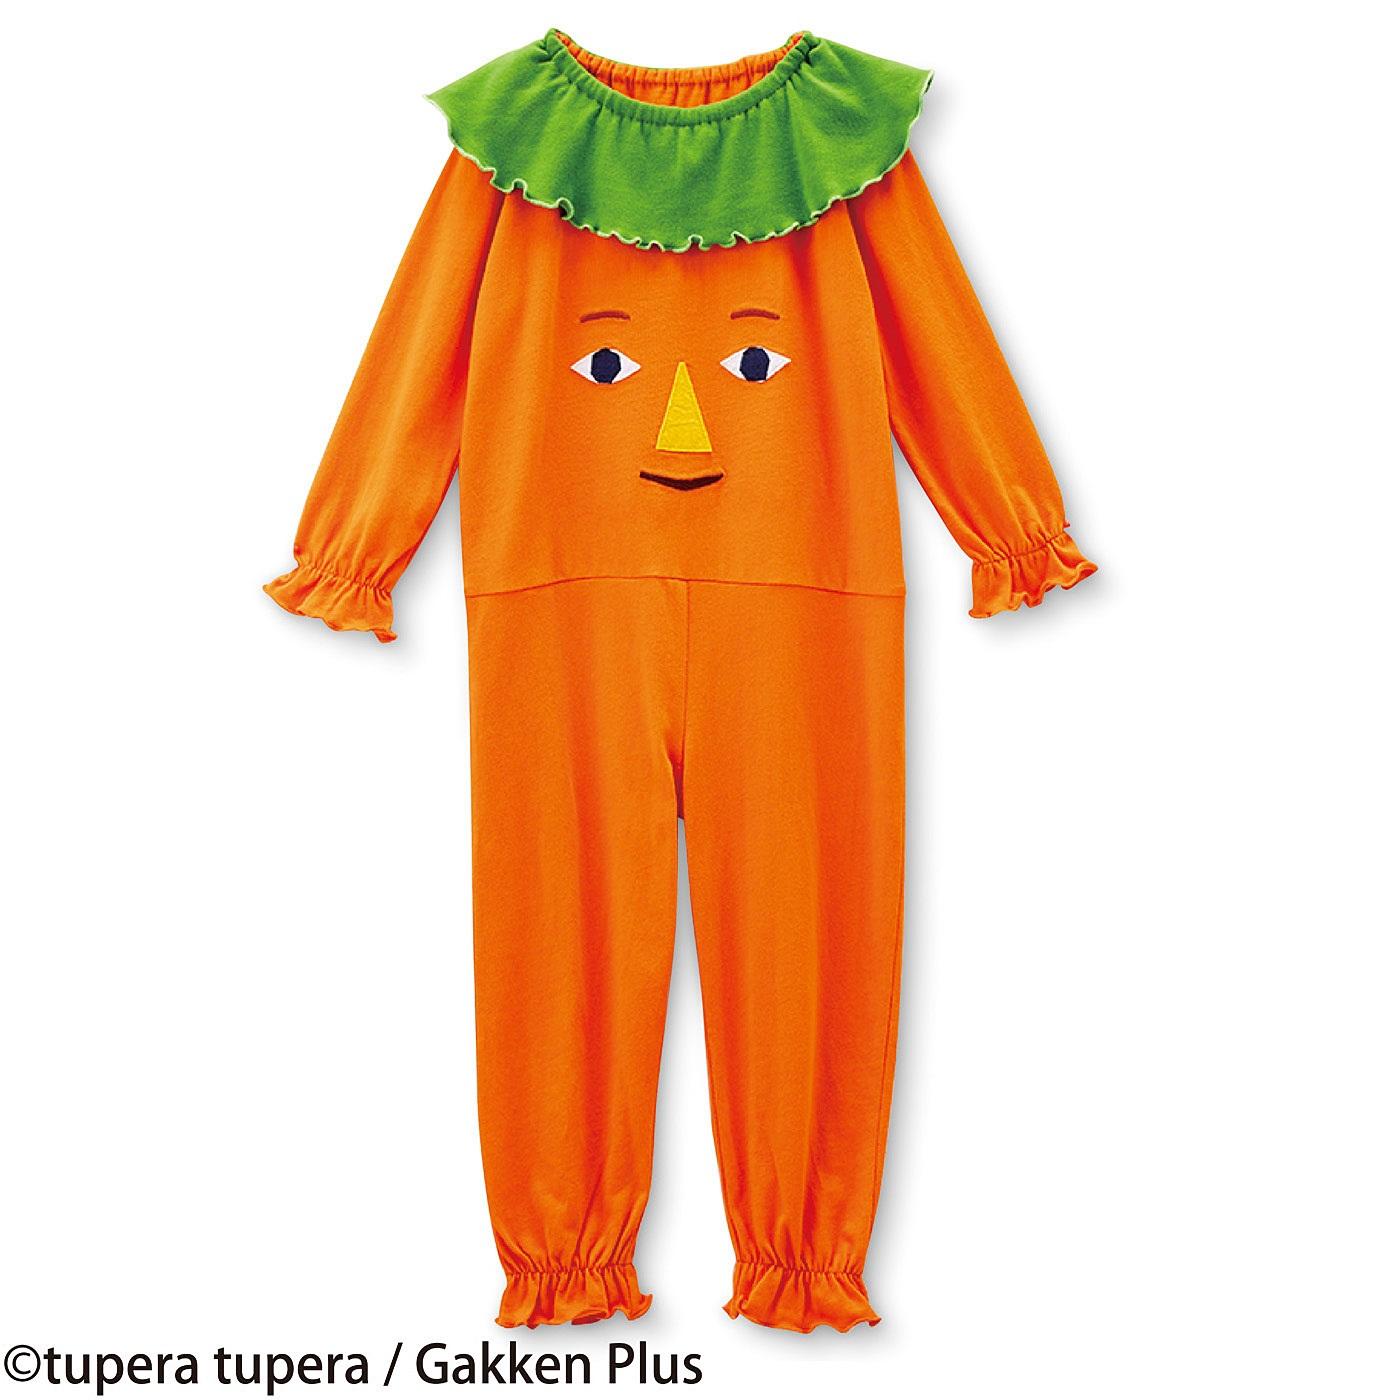 tupera tuperaxフェリシモ やさいさん にんじんさんのオールインワンパジャマ